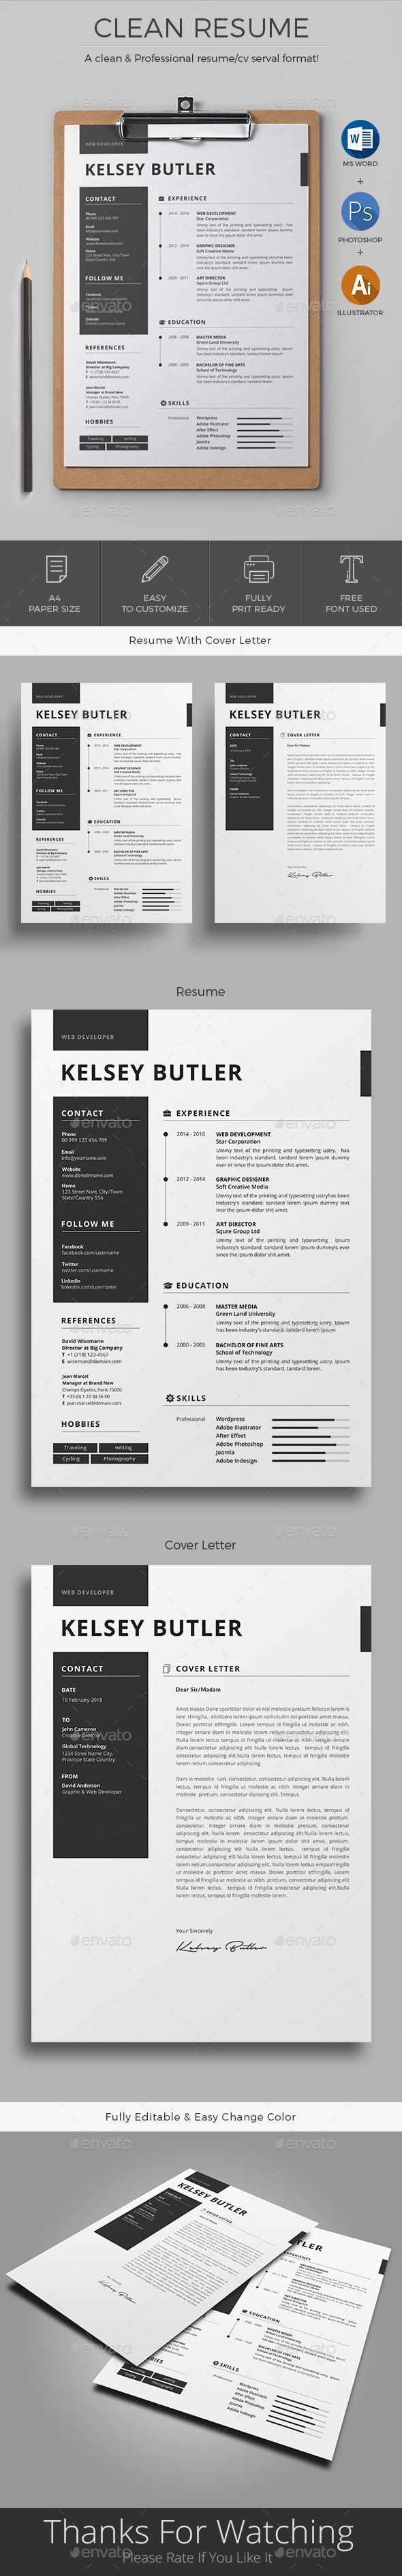 Resume | Pinterest